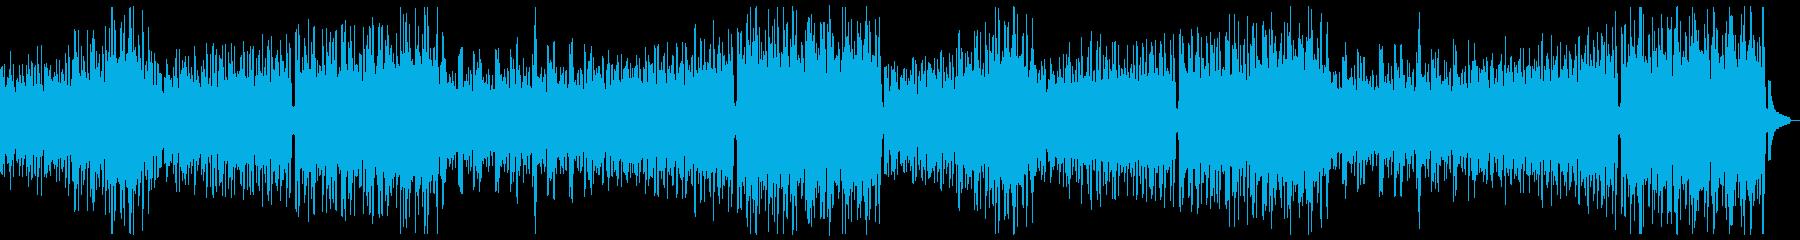 うきうき陽気なオーケストラx2の再生済みの波形